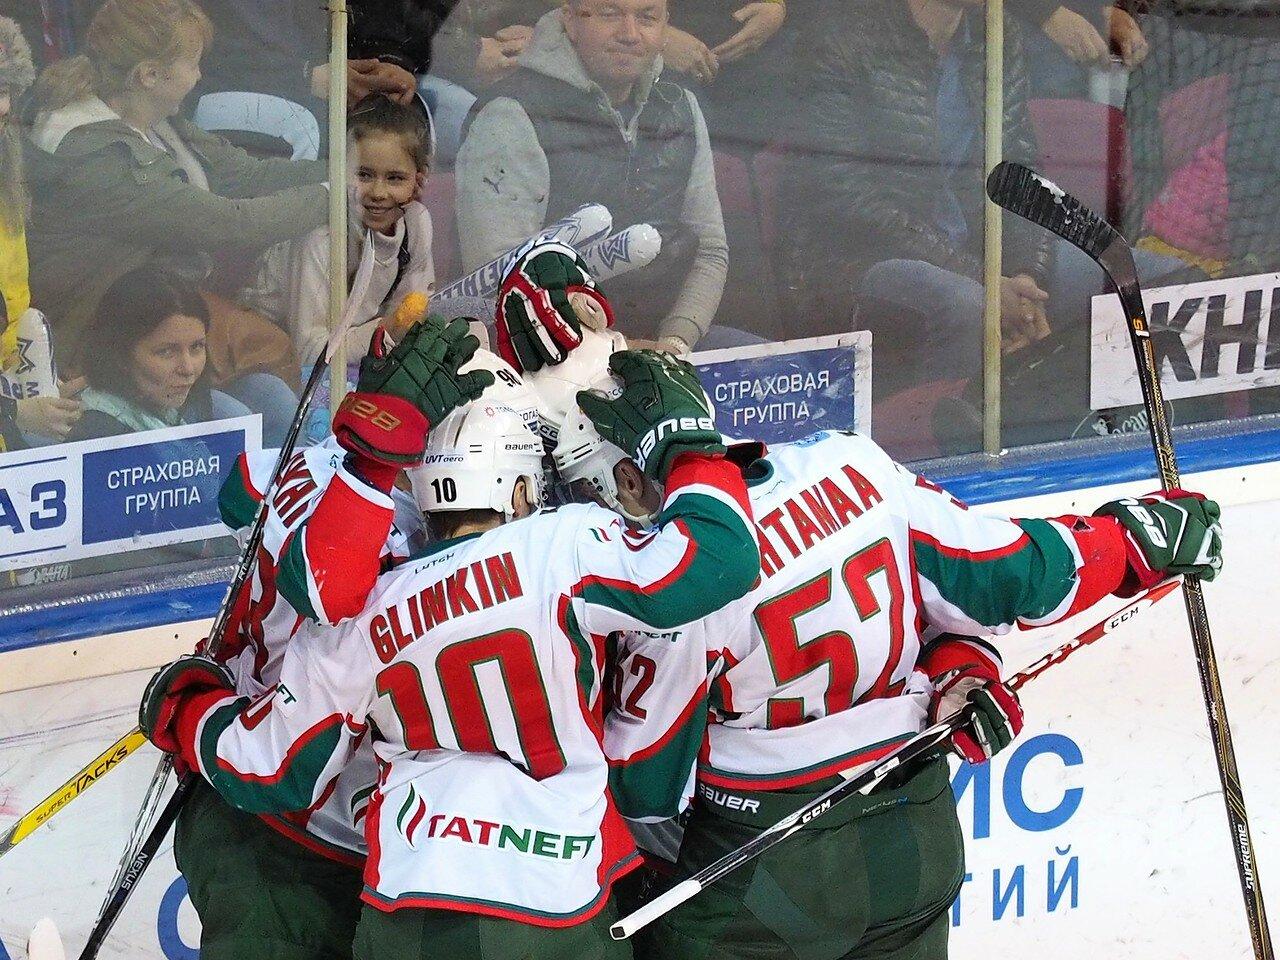 76 Первая игра финала плей-офф восточной конференции 2017 Металлург - АкБарс 24.03.2017